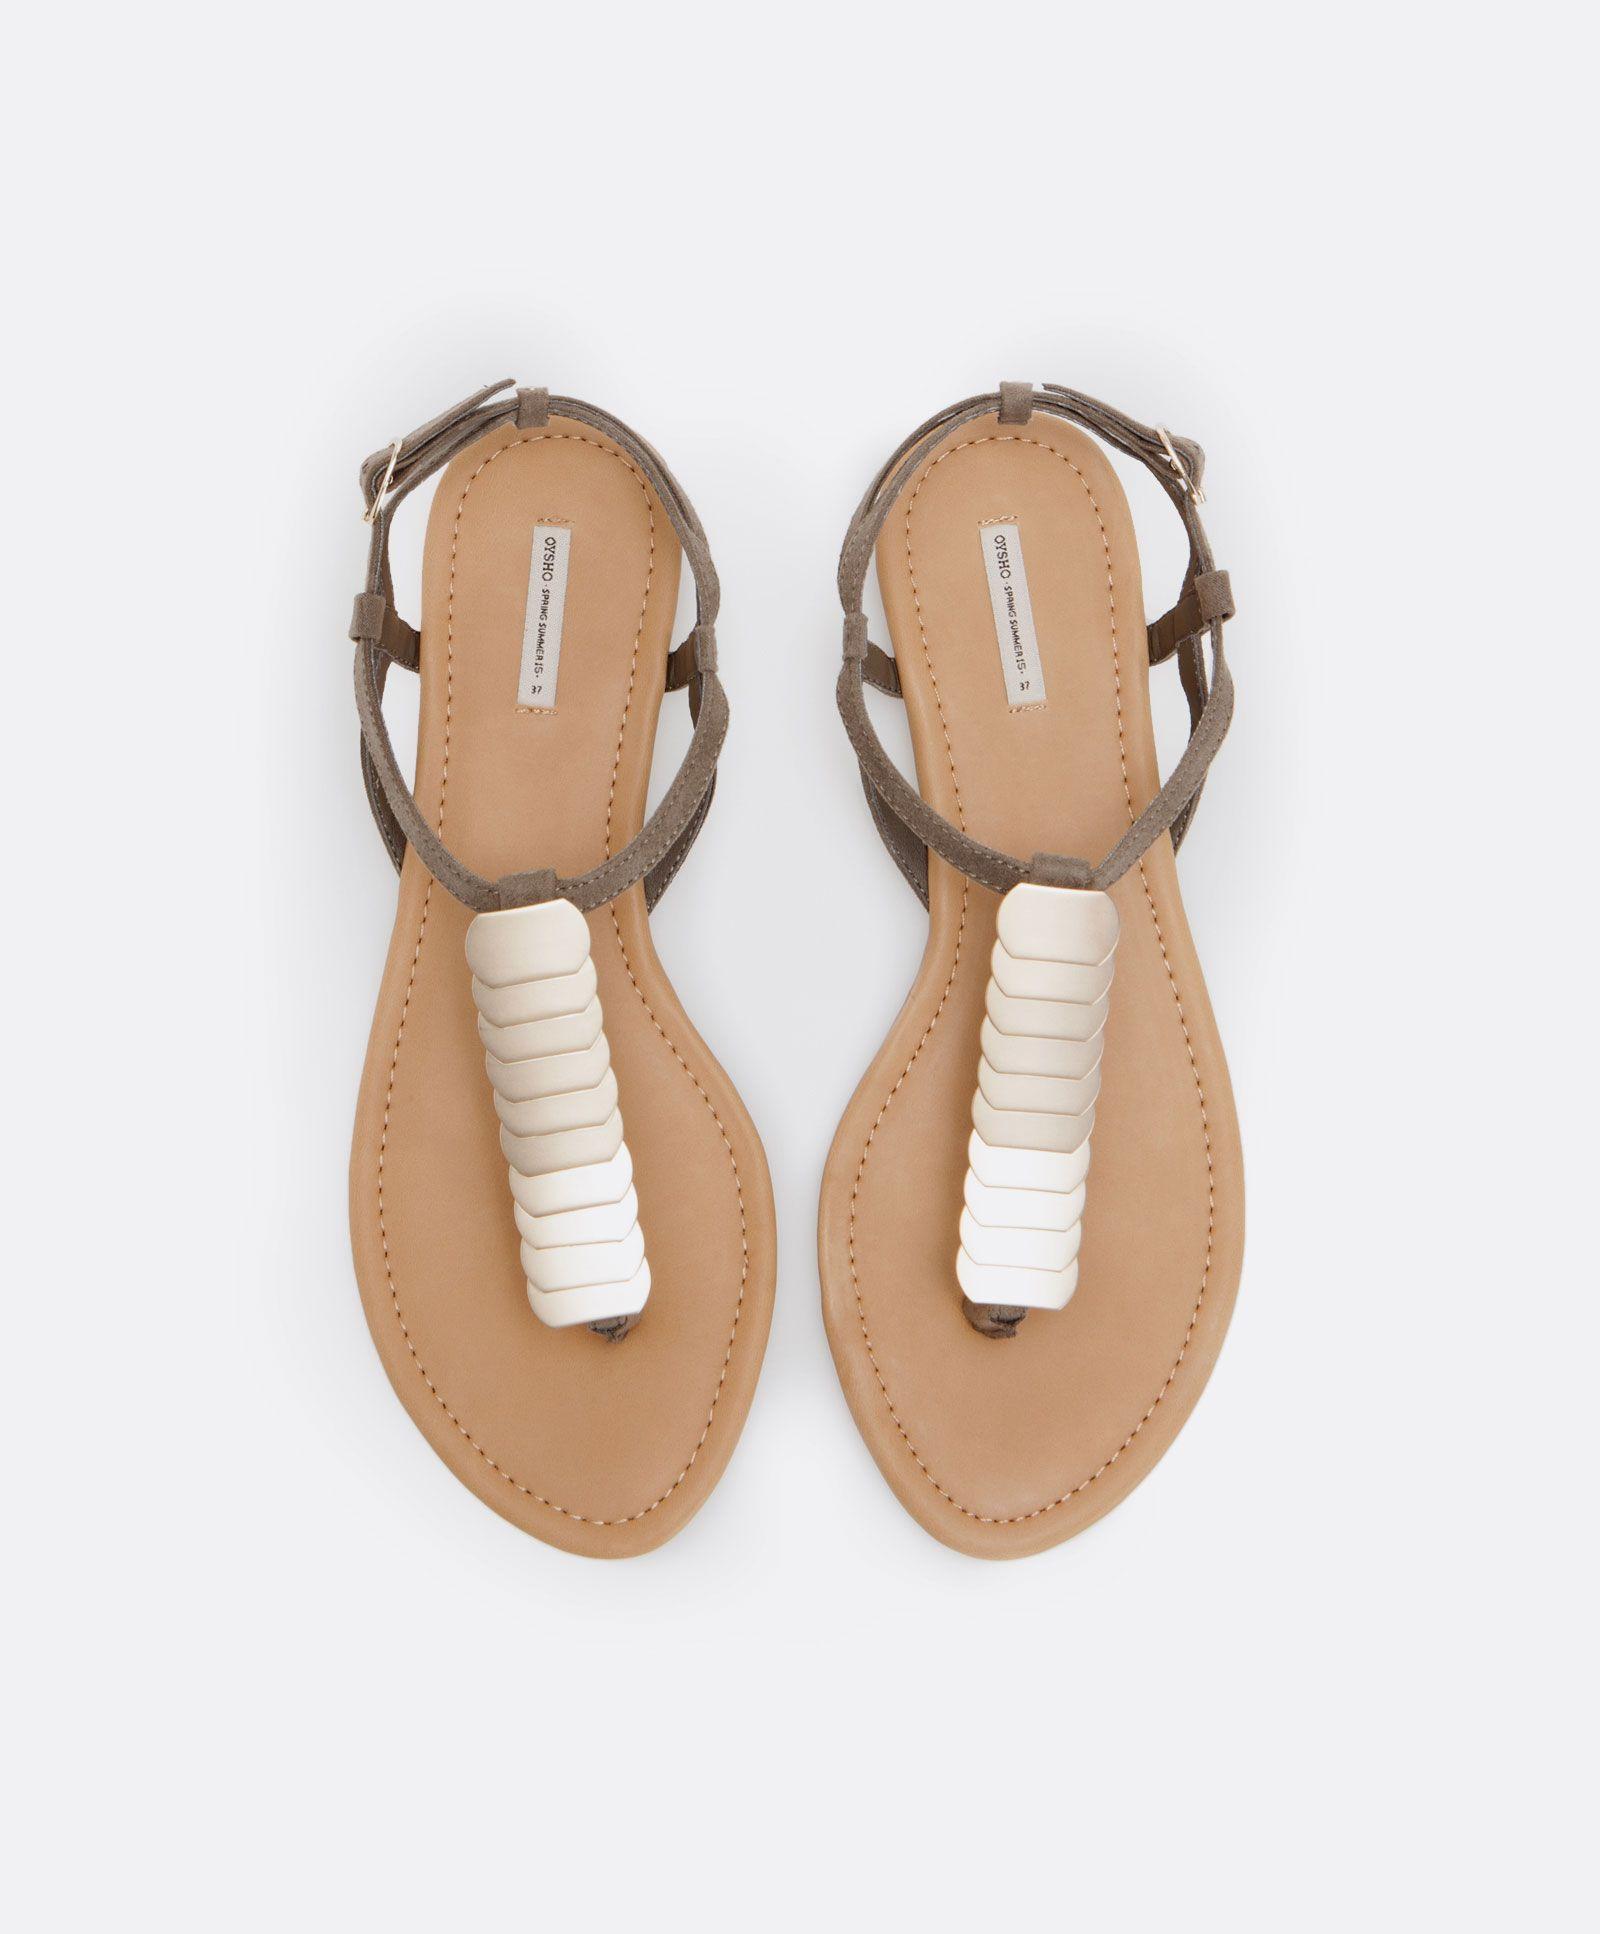 Sandálias plaquinhas douradas - OYSHO